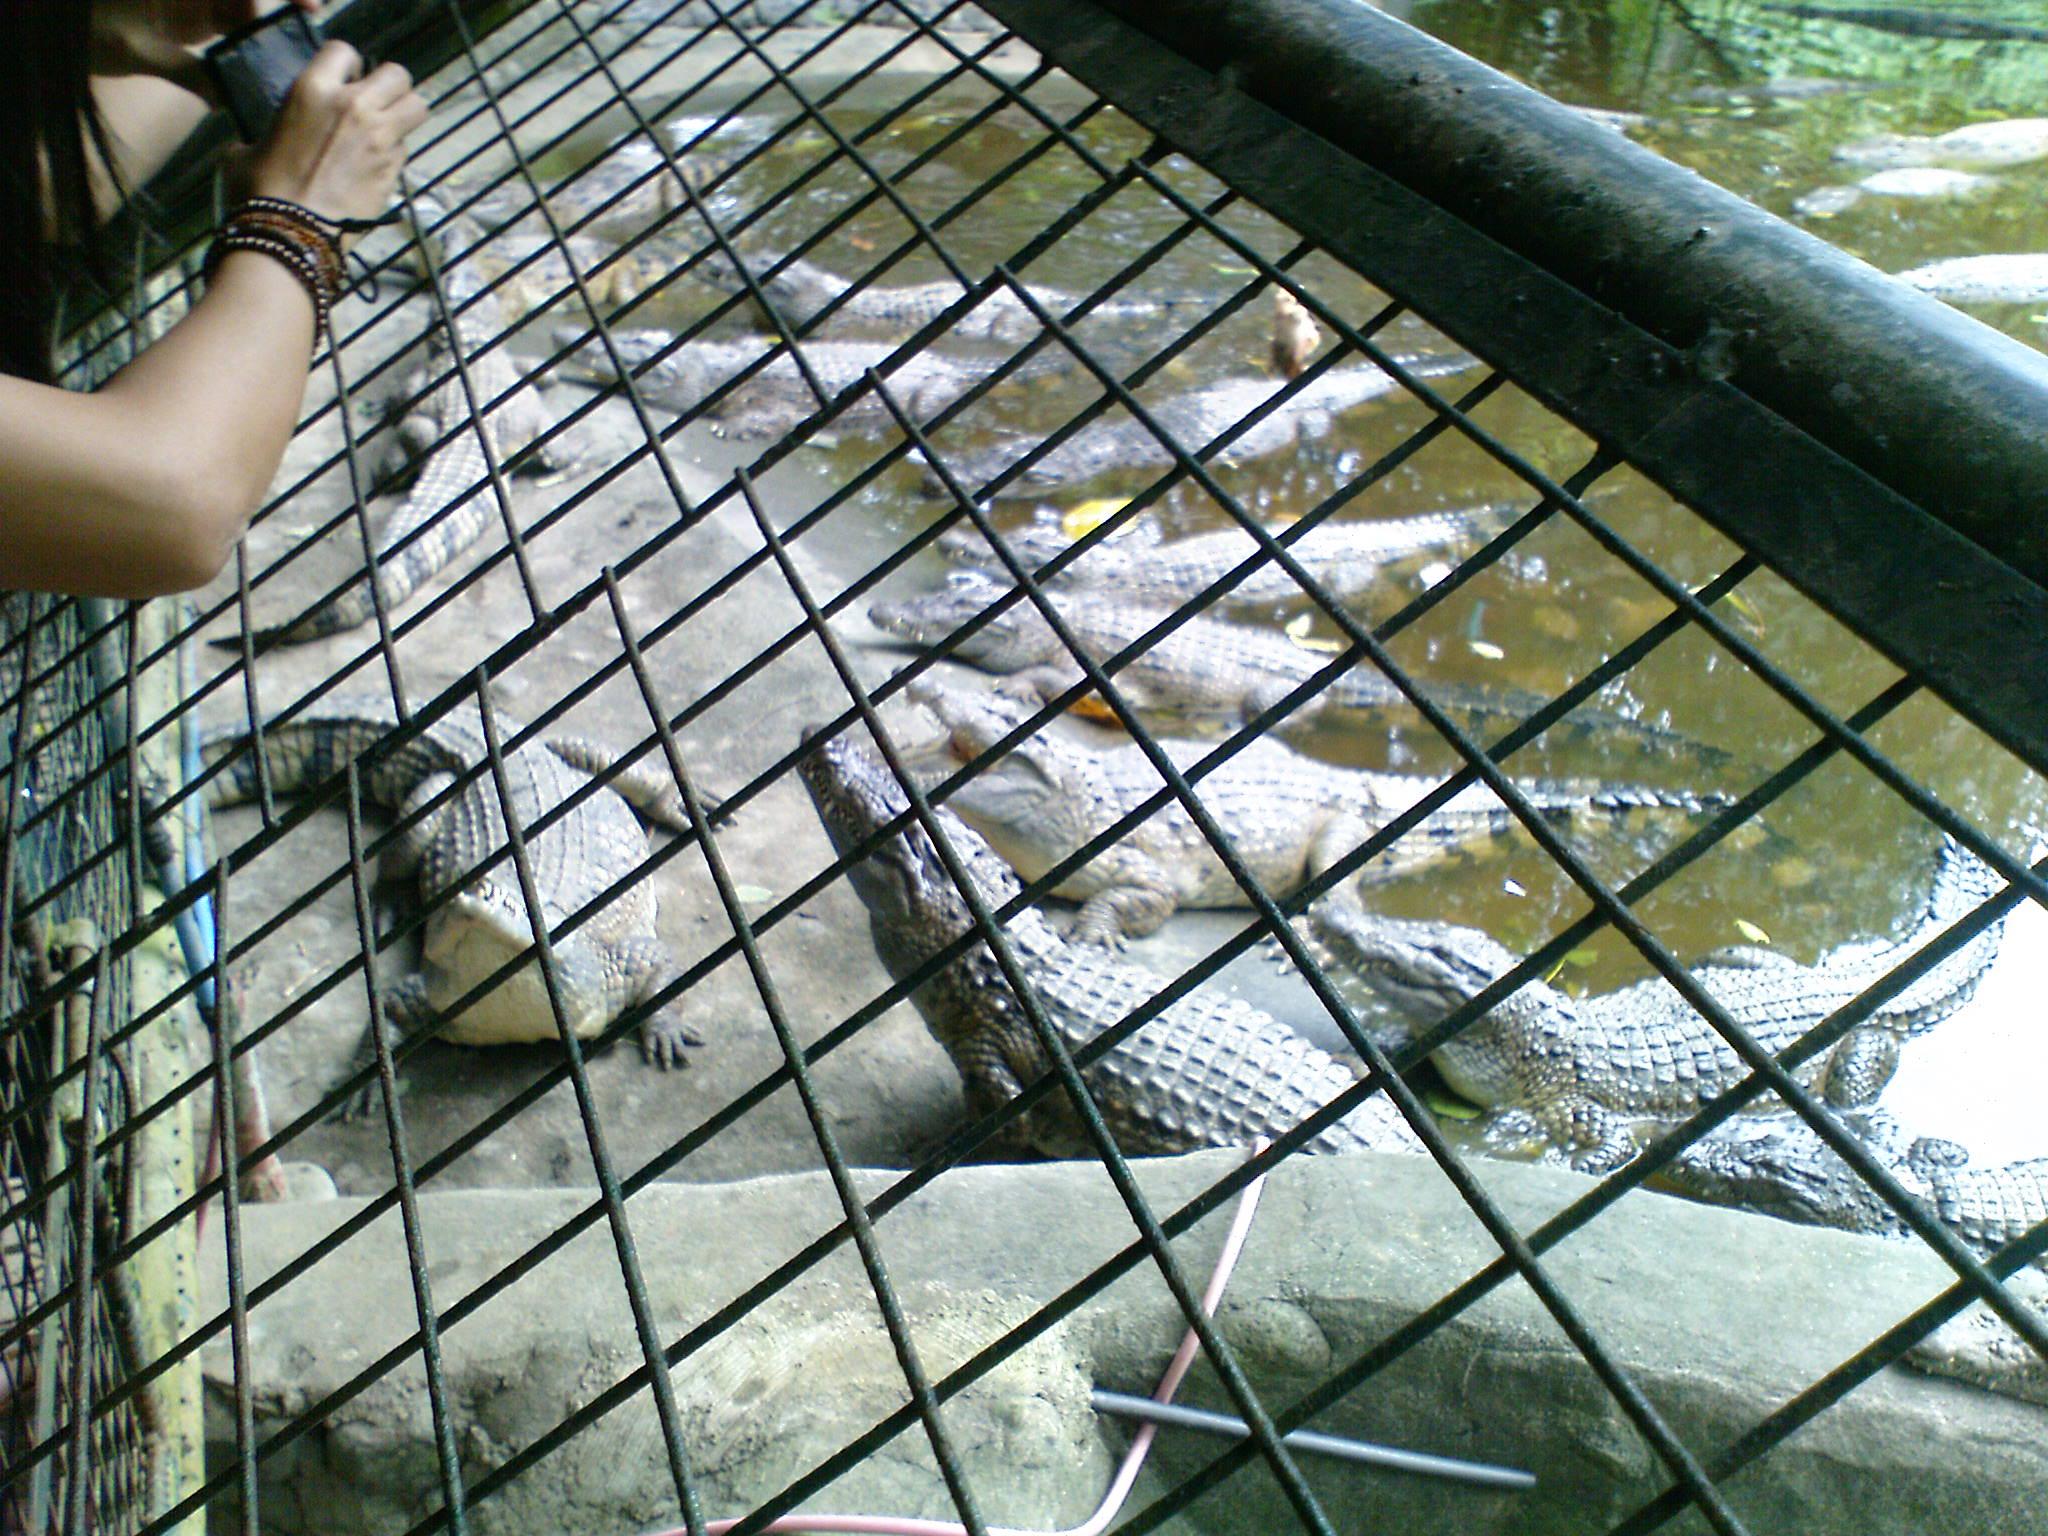 769b7031ff Feeding the Crocs